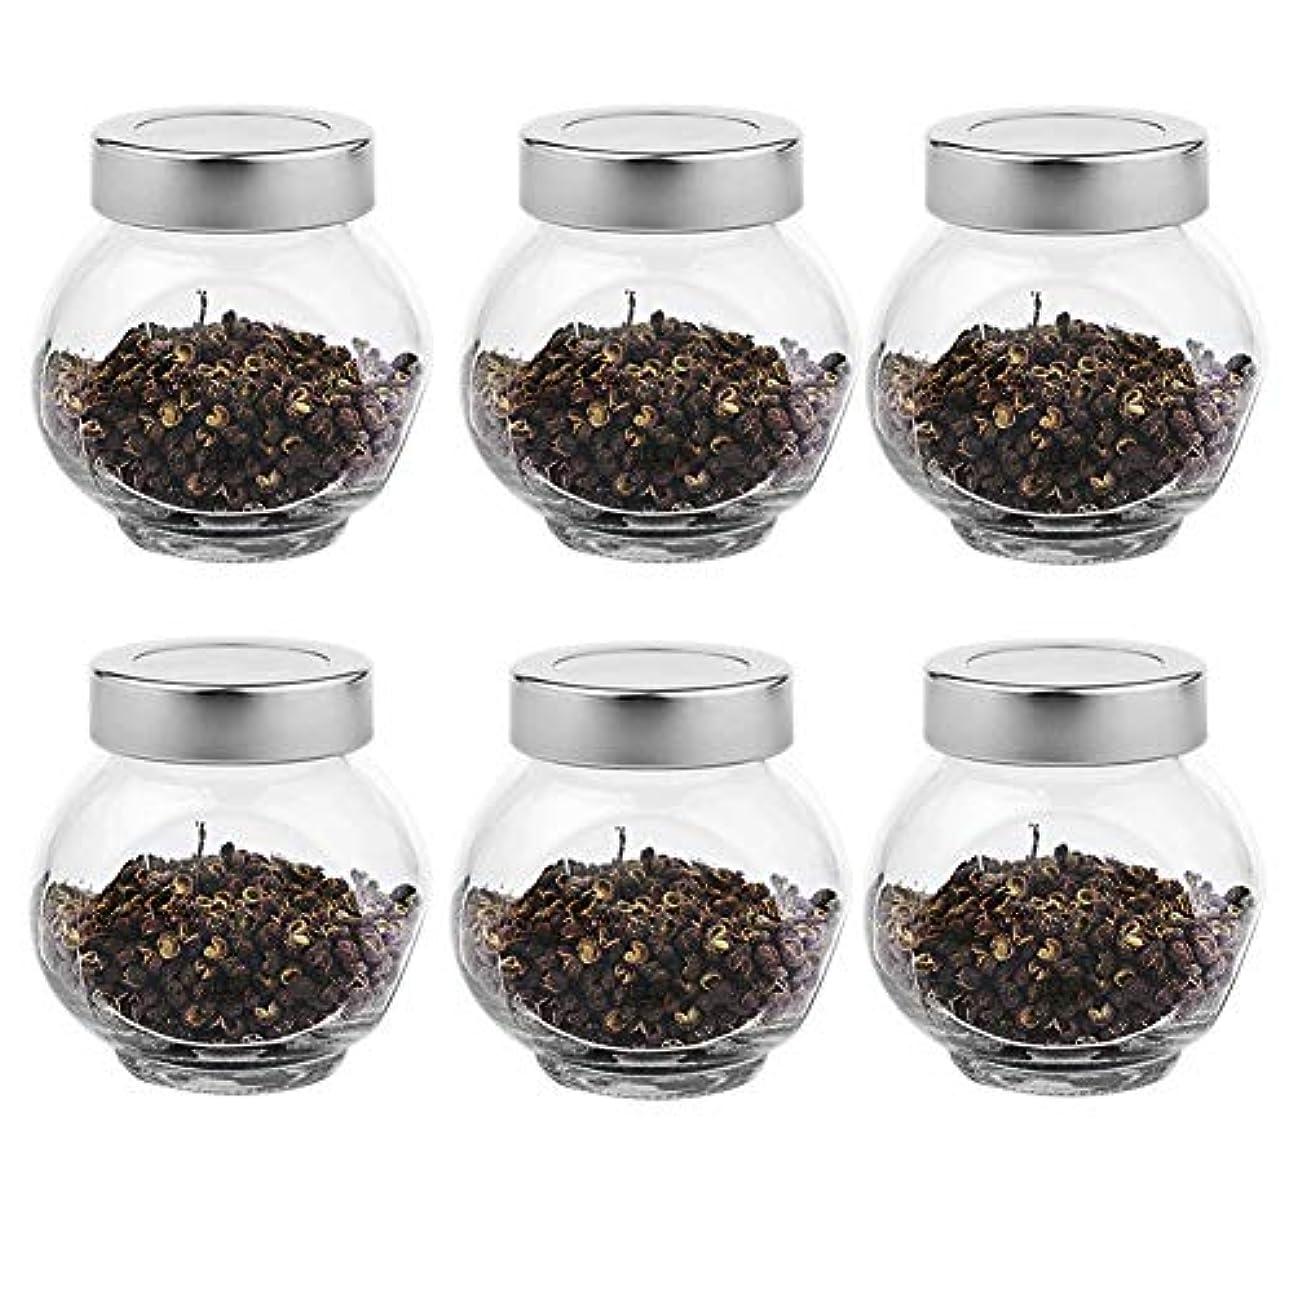 ヒューマニスティック怖い倫理6つの透明ガラス貯蔵容器茶/季節密封缶(200 ml)の貯蔵ジャーパック